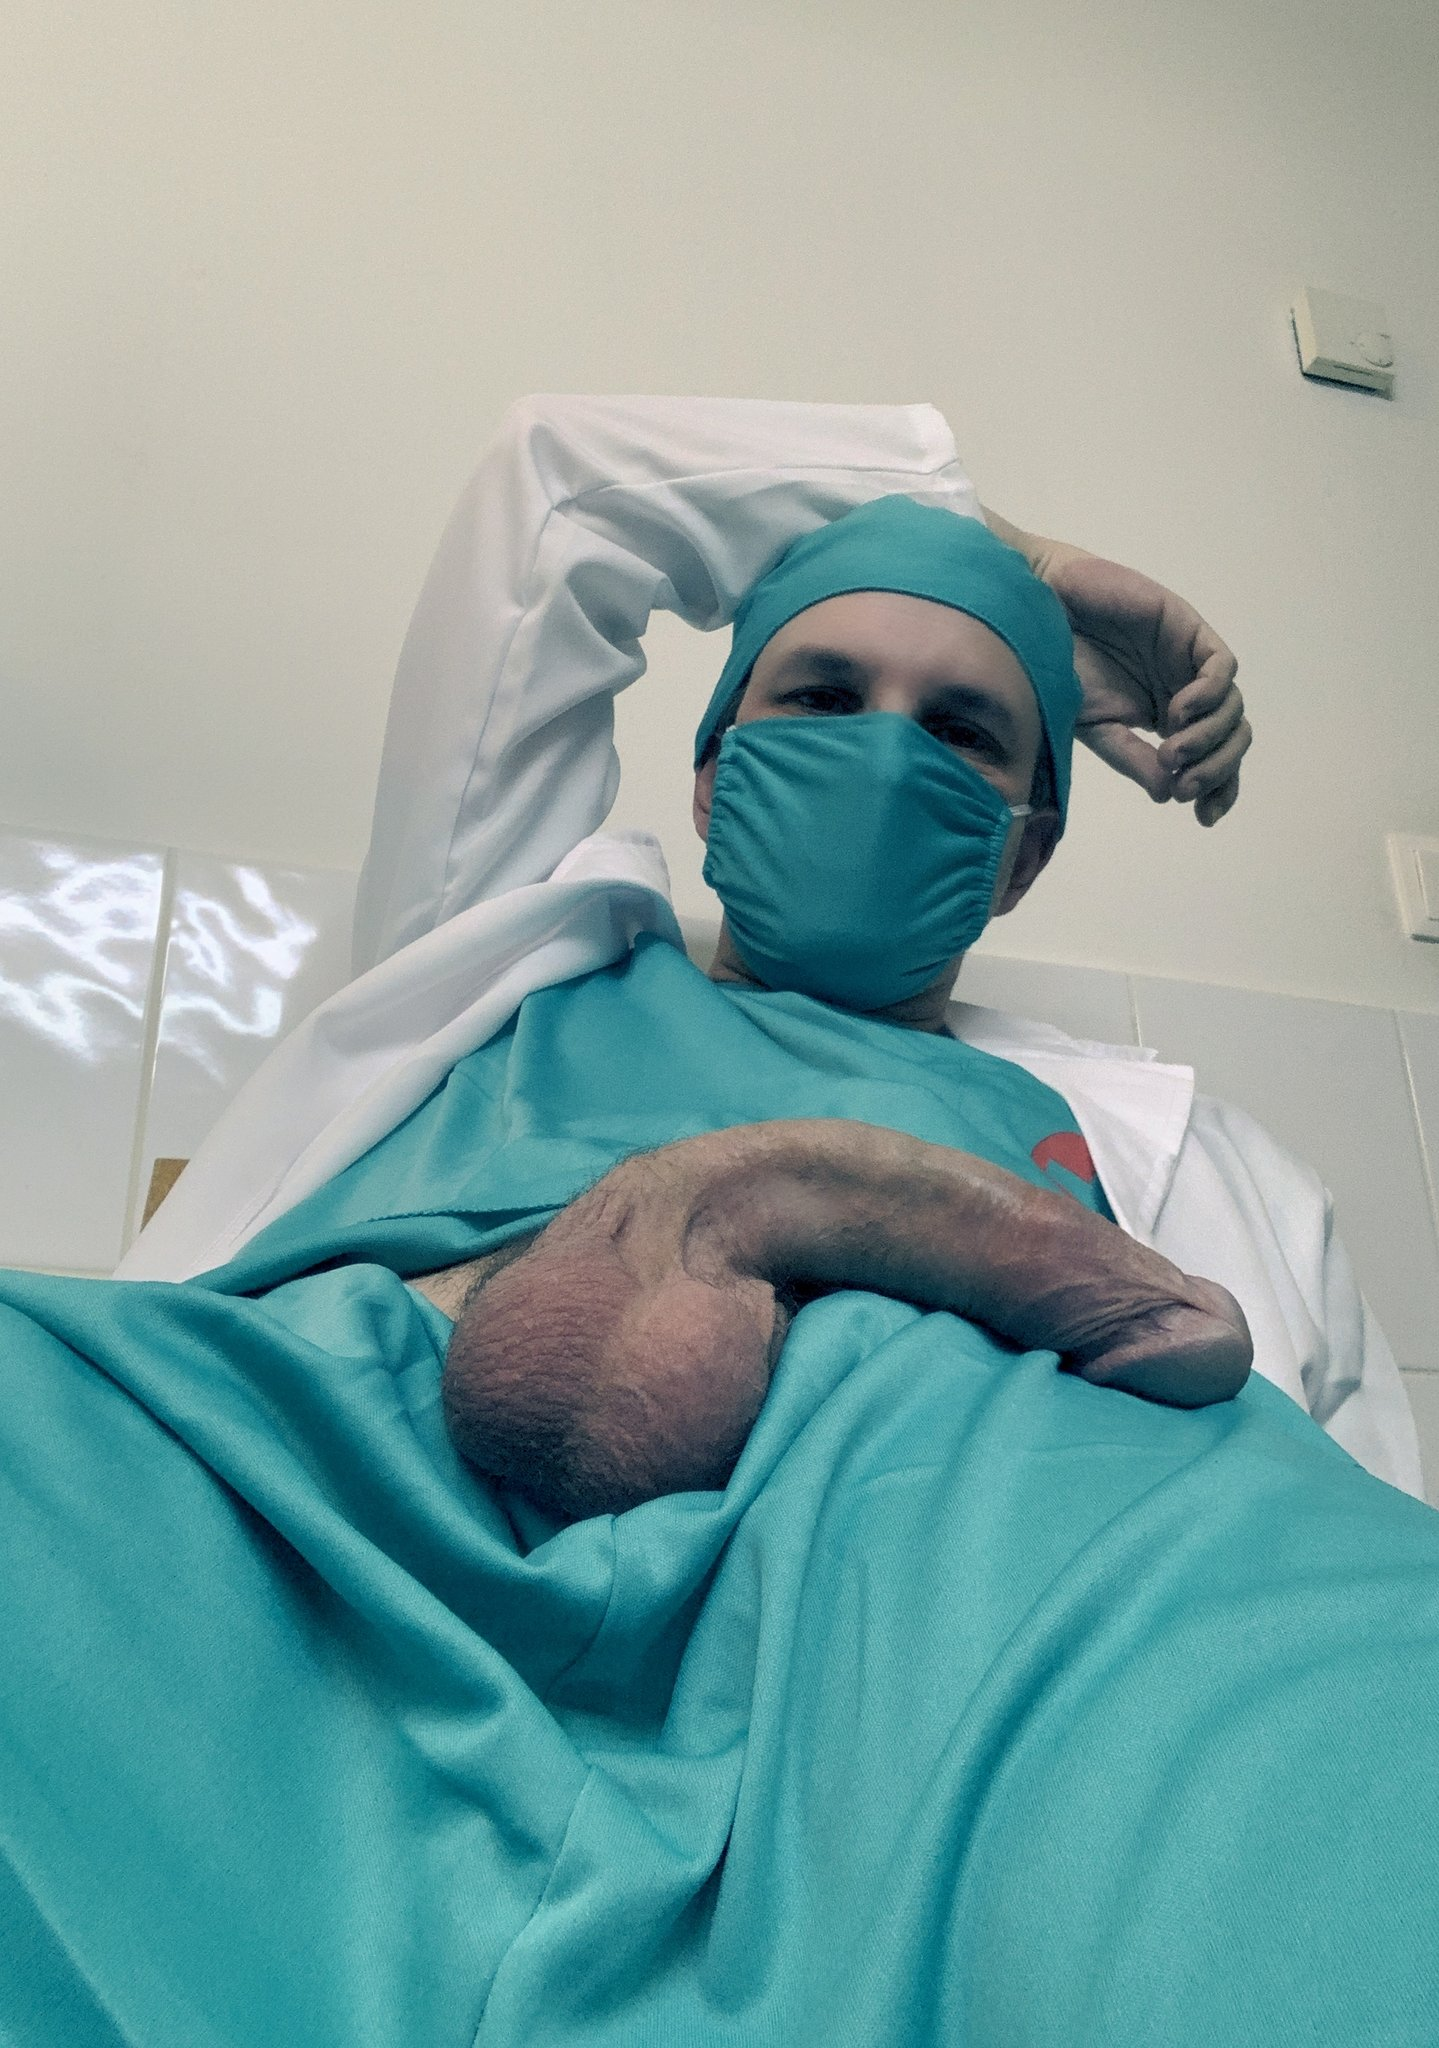 enfermero con el pene duro